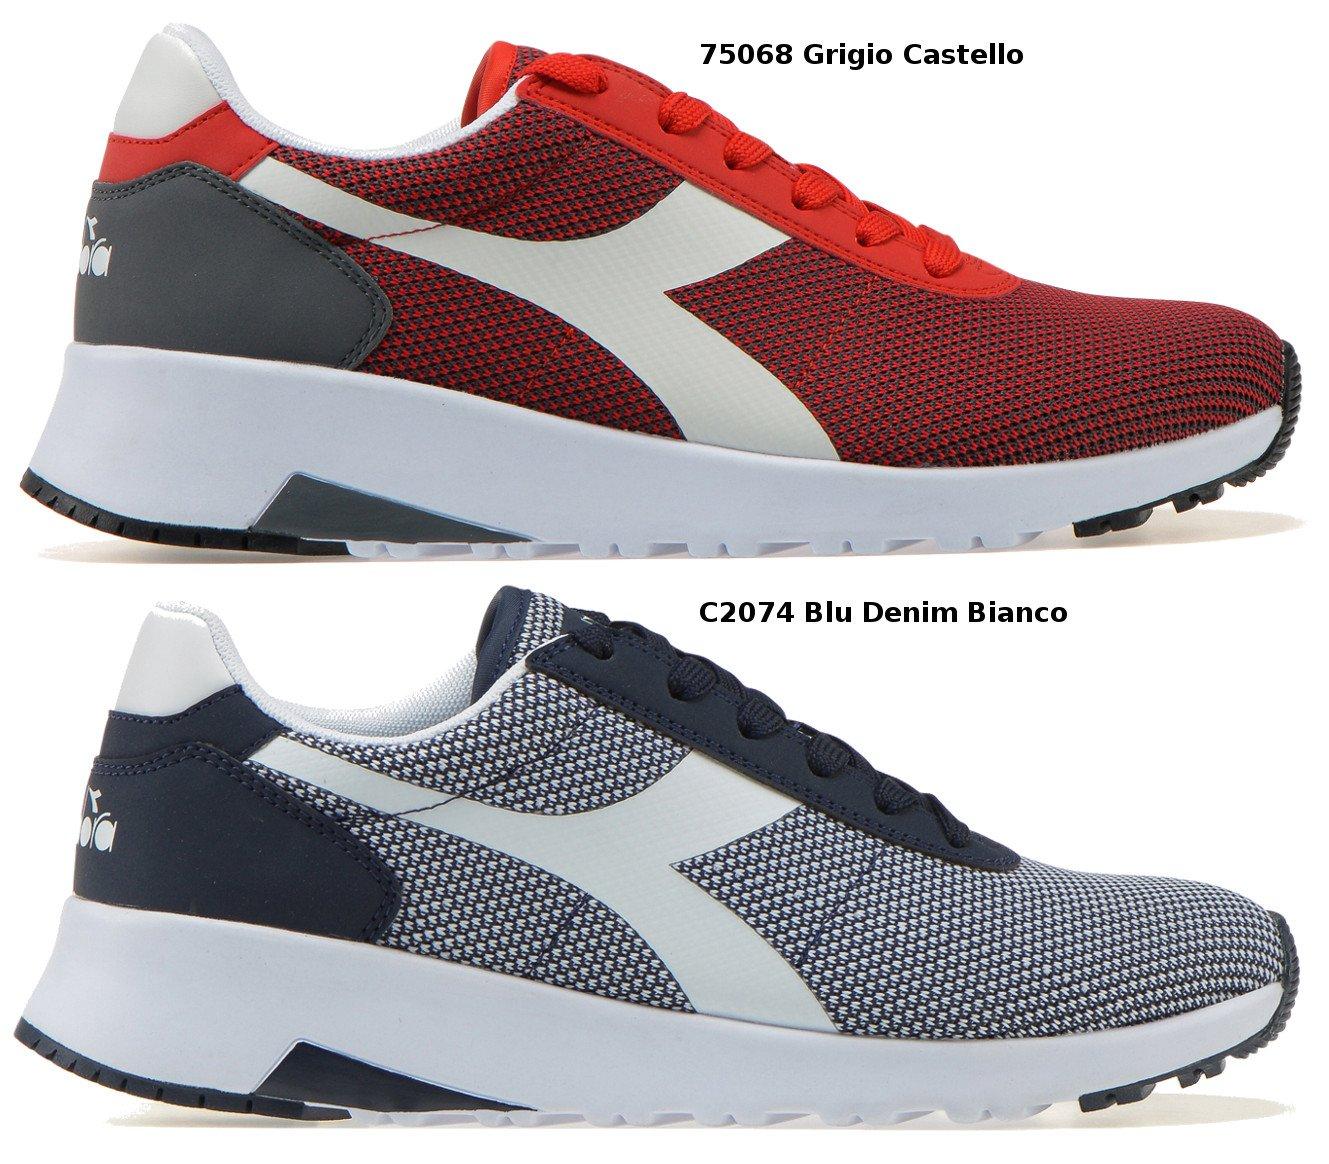 Schuhe Diadora Evo Run II Art.173093  43|75068 Grigio Castello